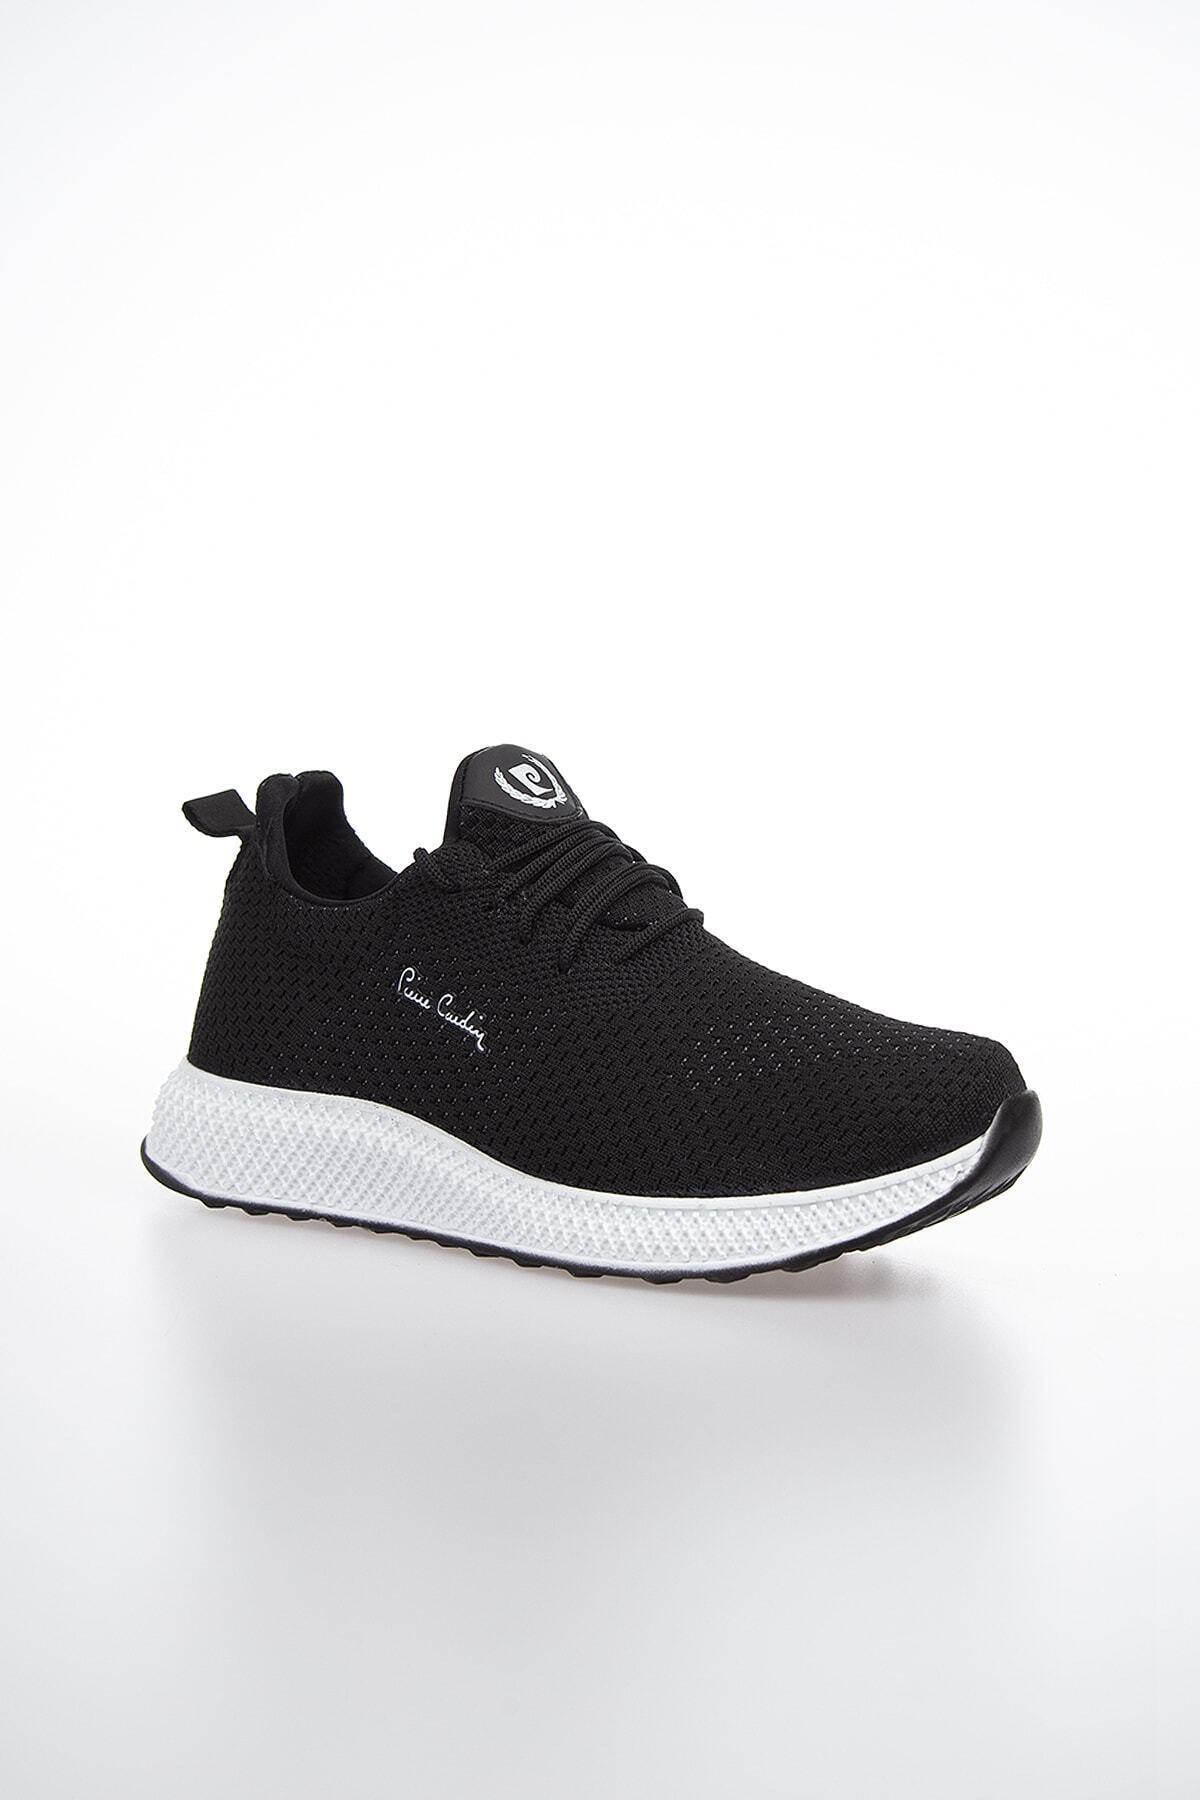 Pierre Cardin Erkek Günlük Spor Ayakkabı-Siyah-Beyaz PCS-10244 2